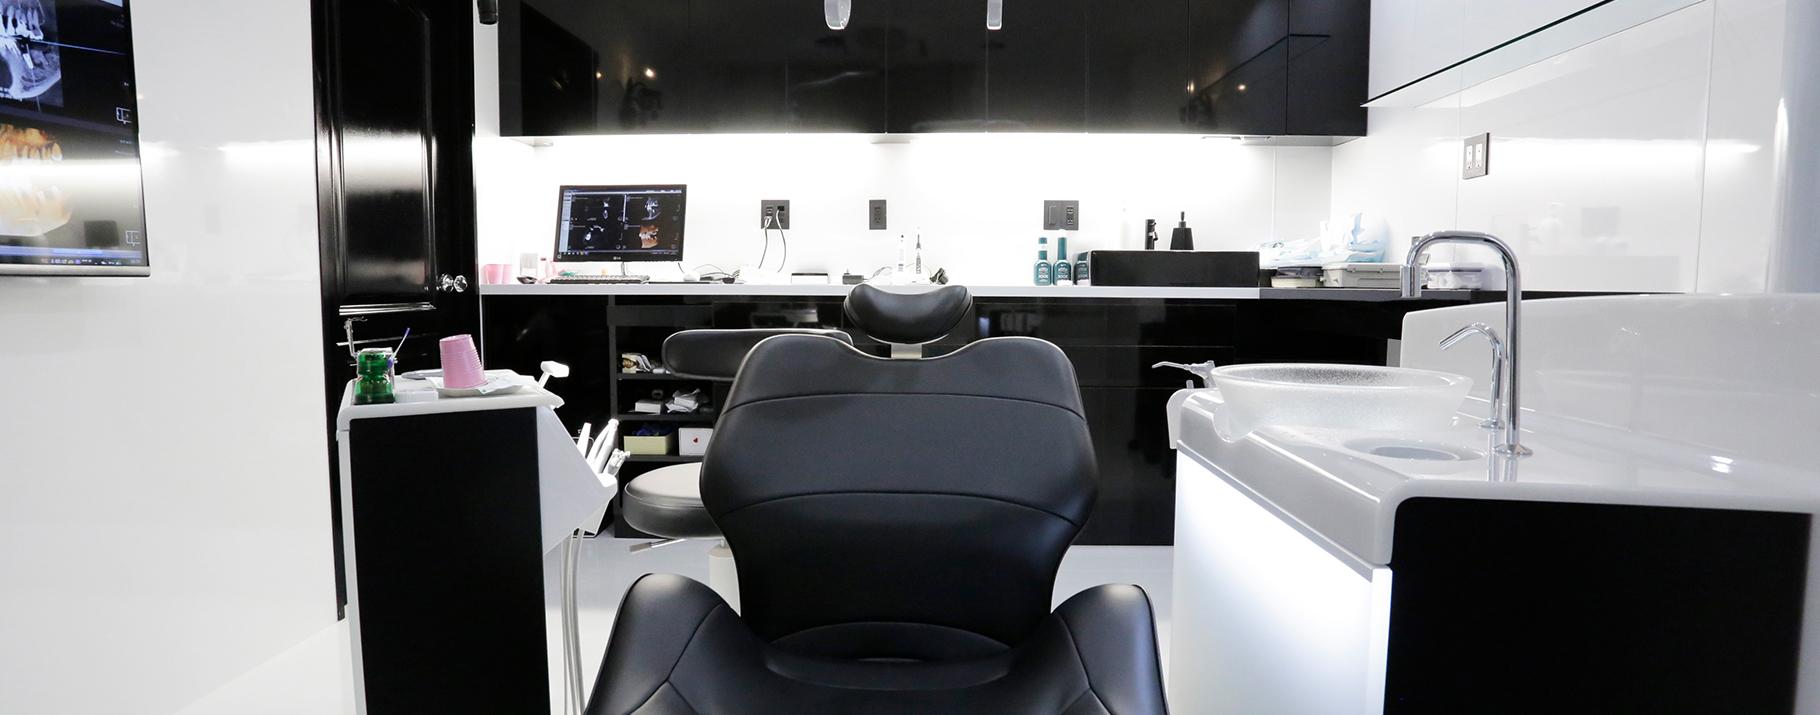 横浜の矯正歯科、横浜マウスピース矯正歯科、施術室